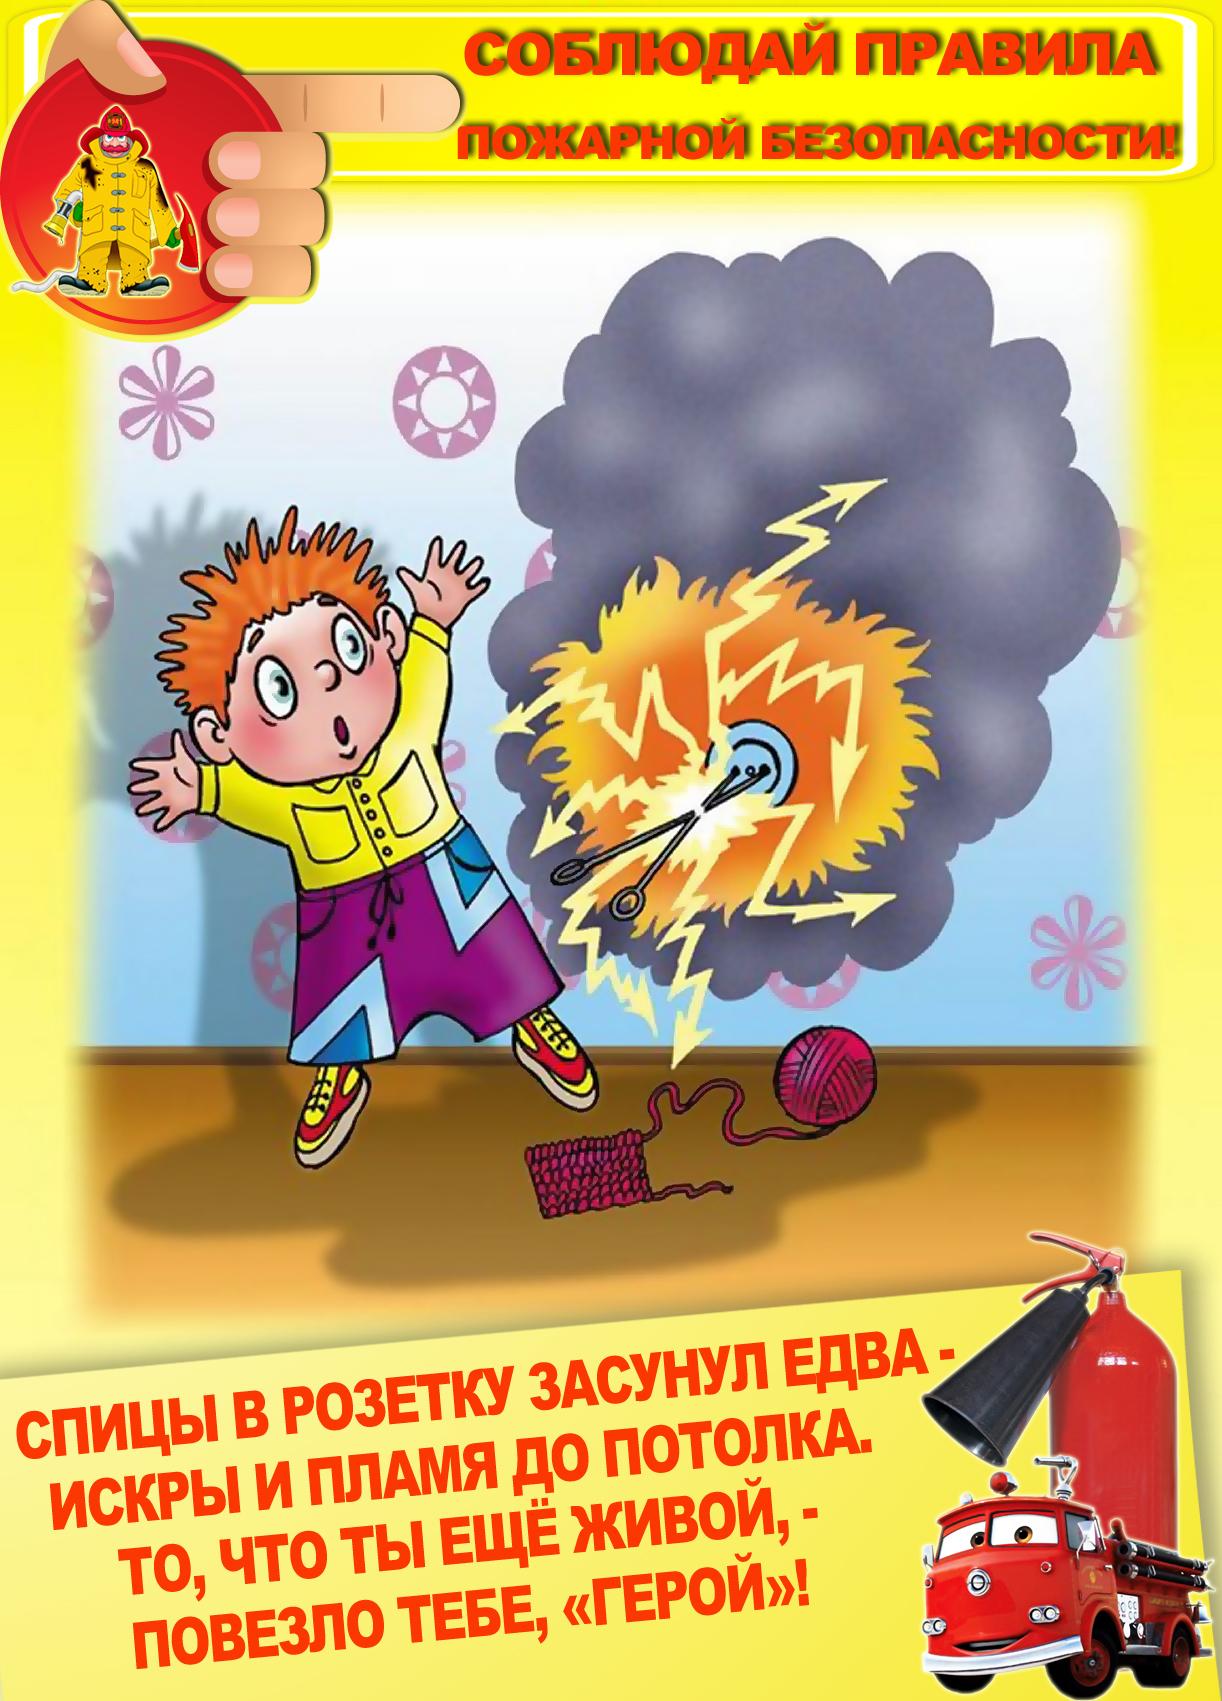 Пожарная безопасноть при пользовании детей розеткой